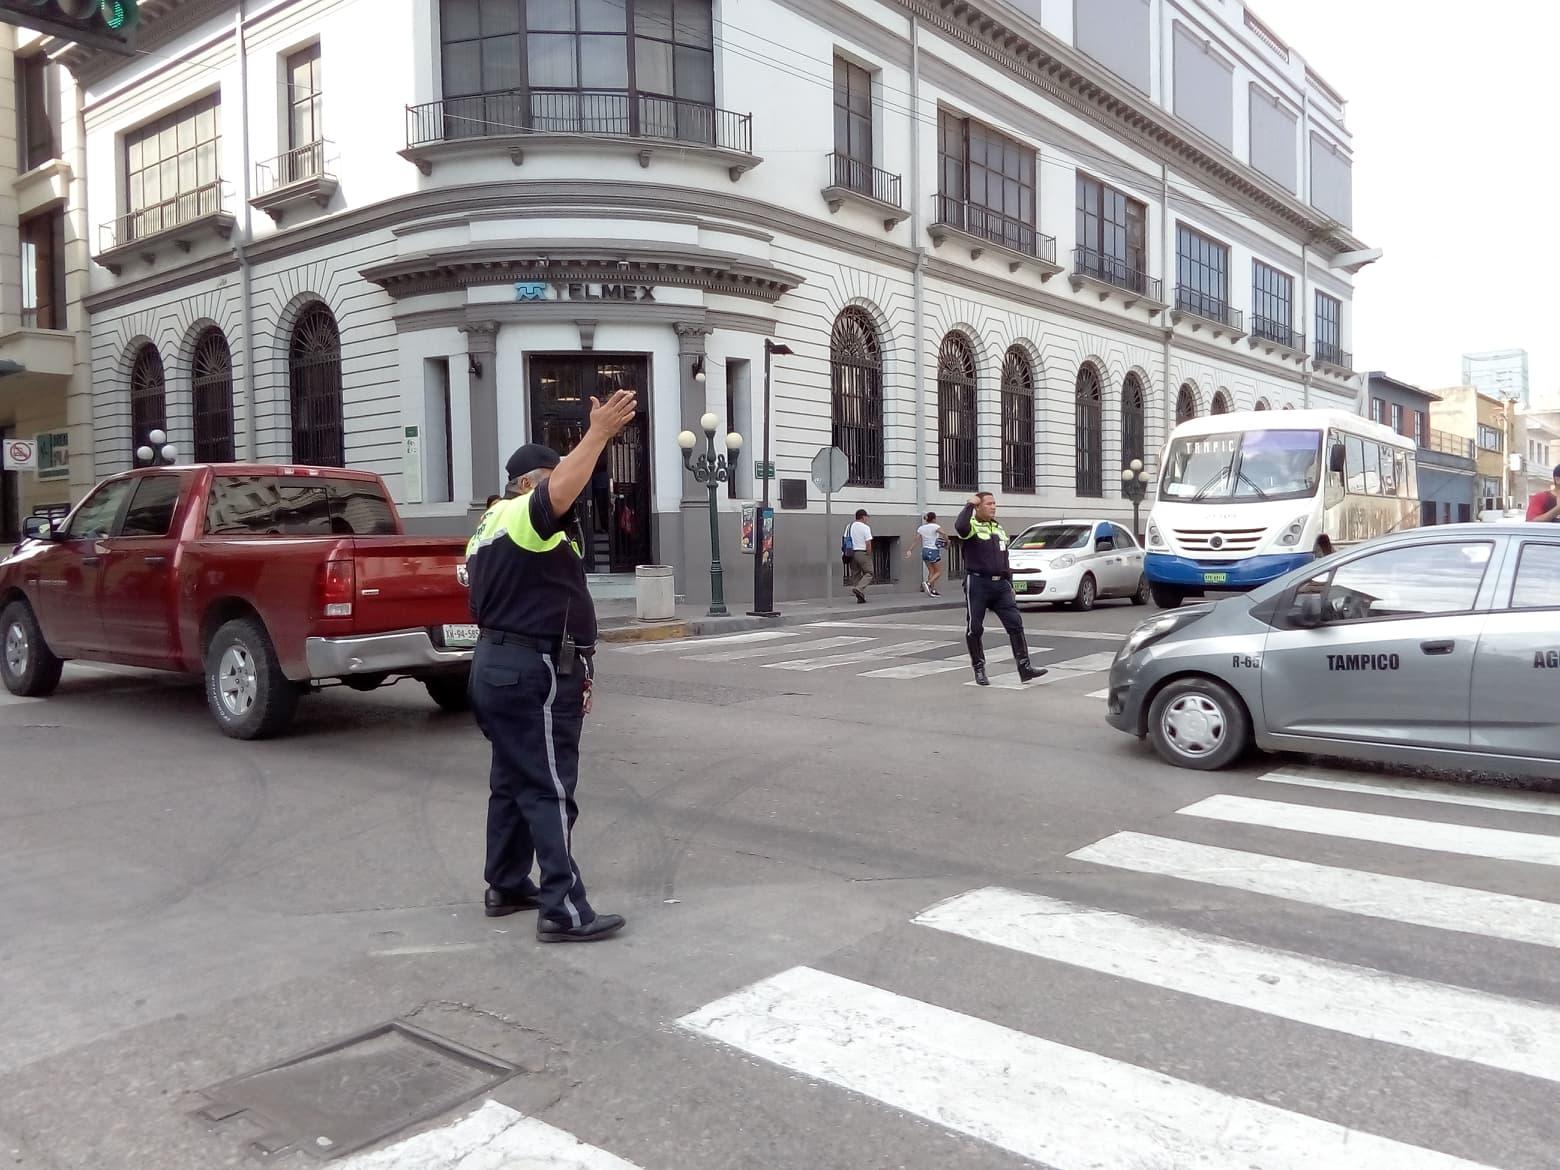 Cerrarán calles por el desfile en Tampico